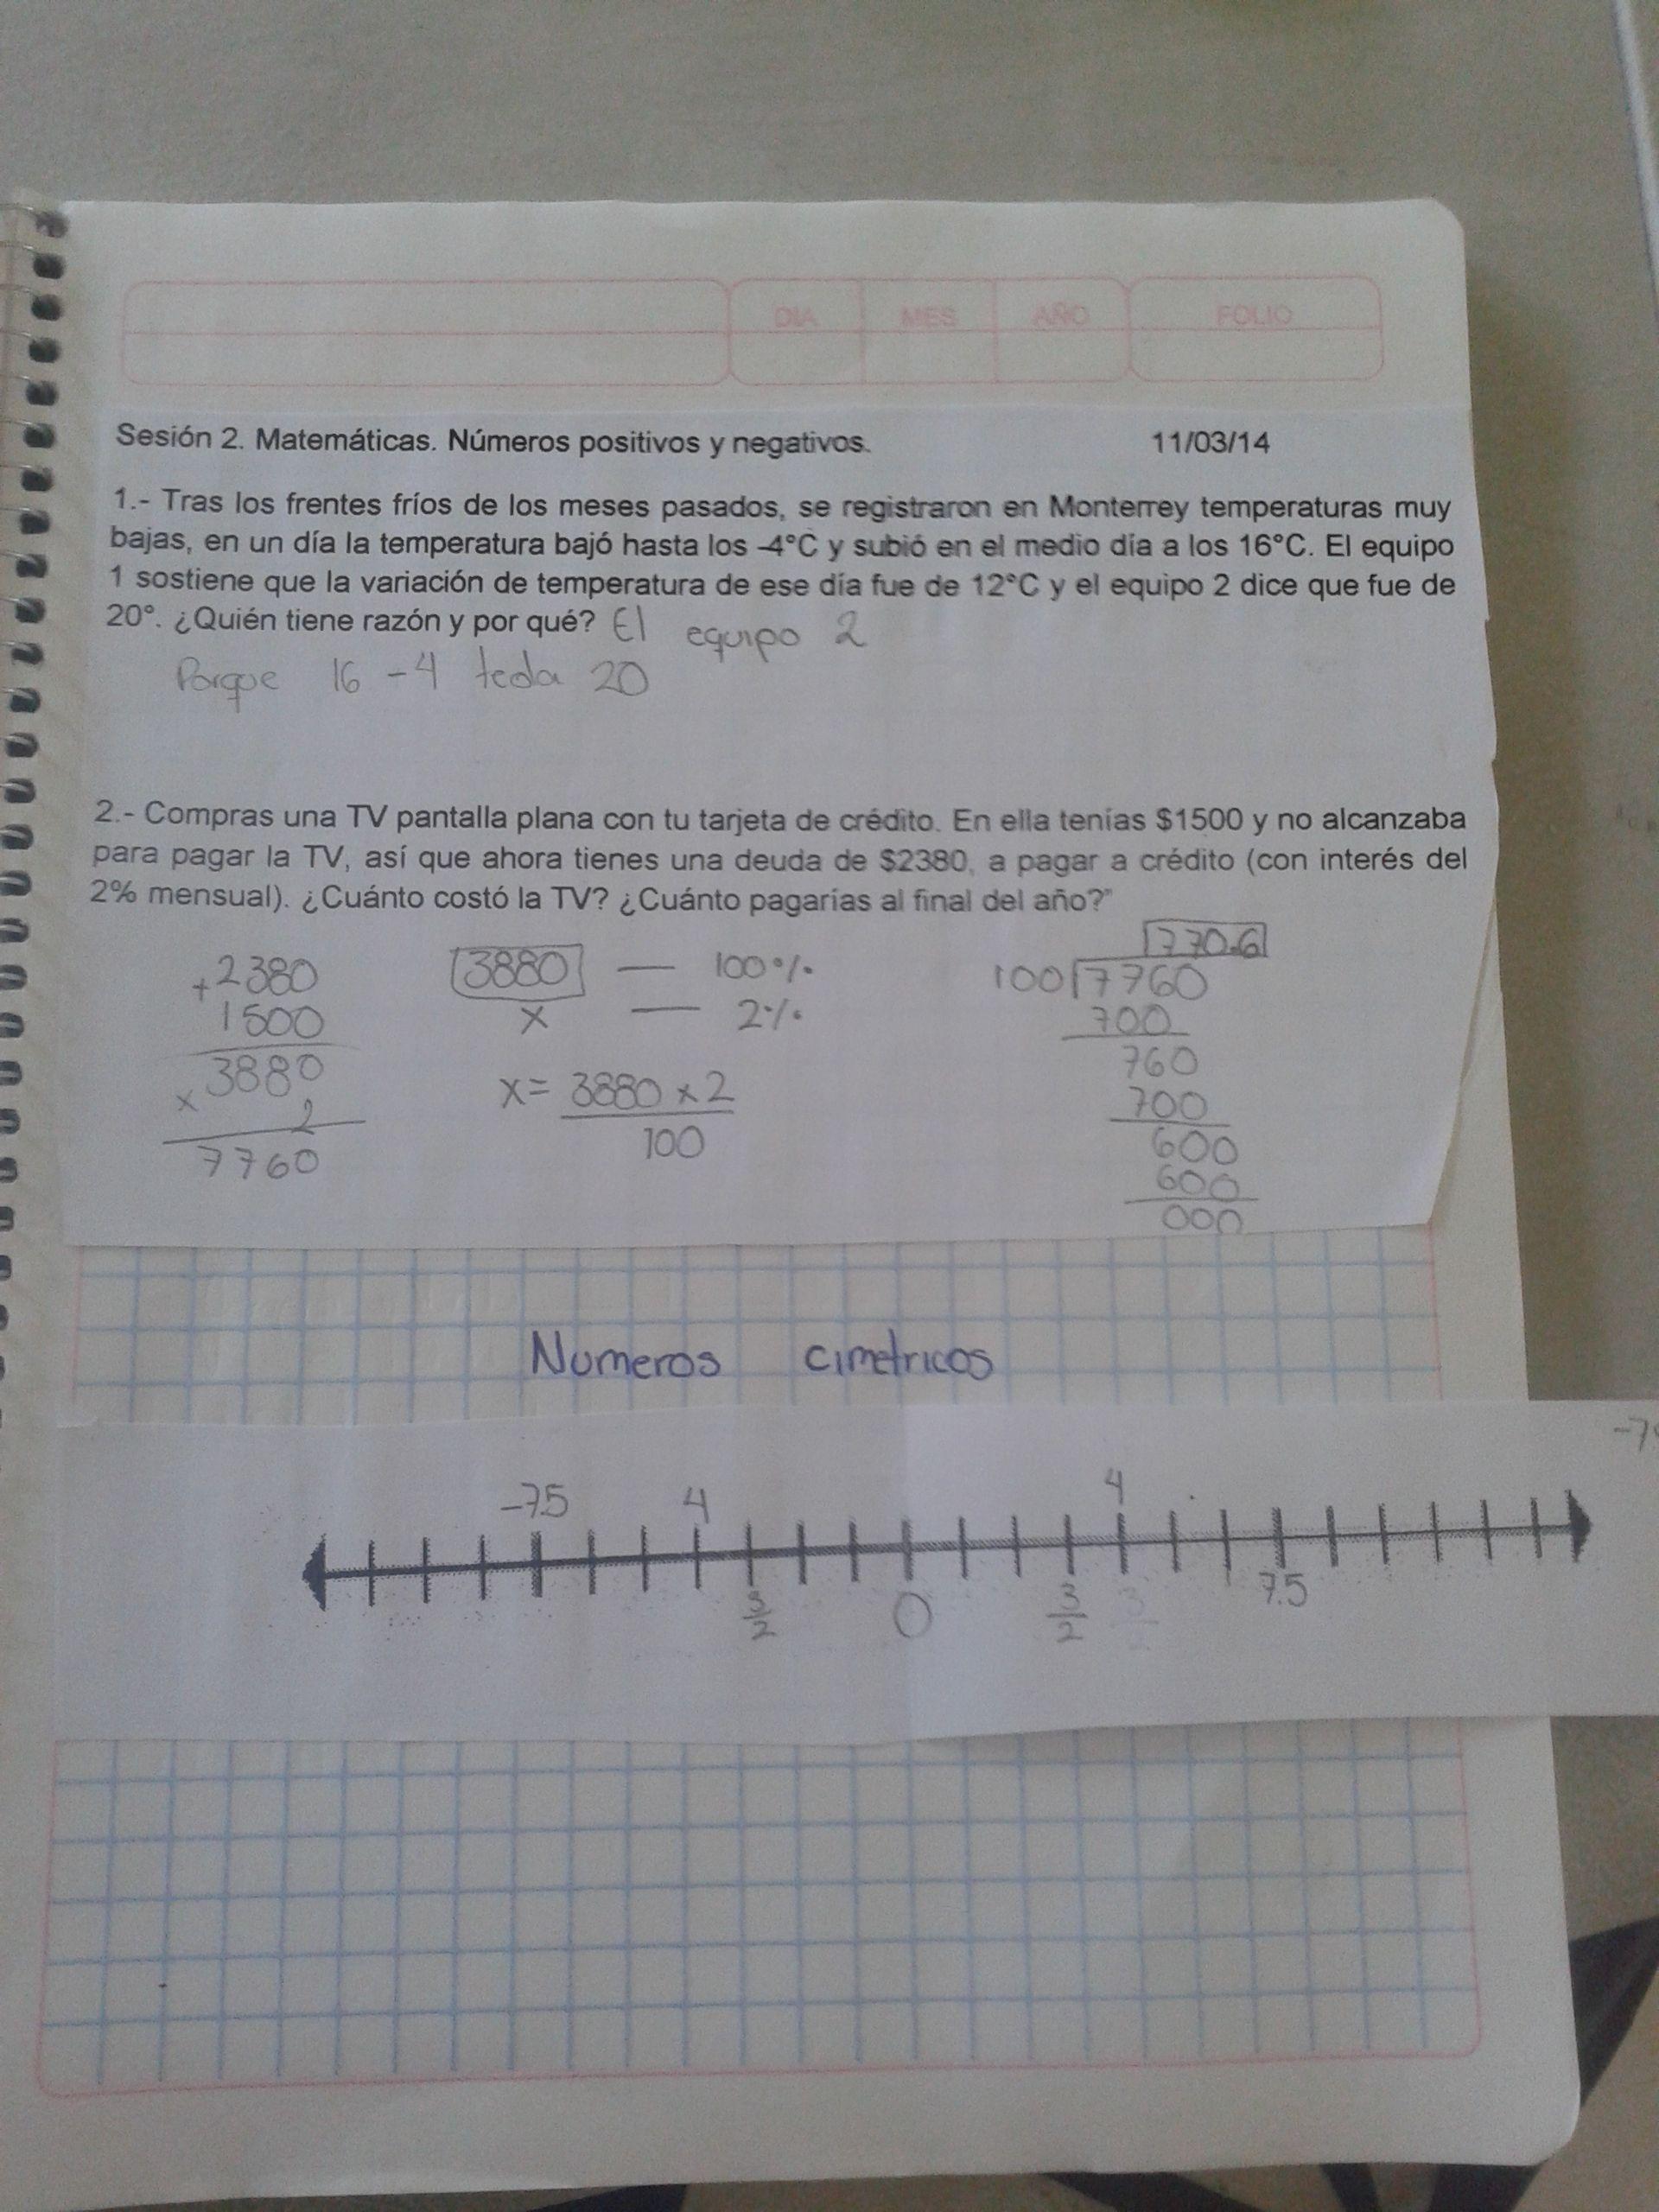 Producto Matematicas Sesion 2 Diferencias Entre Numeros